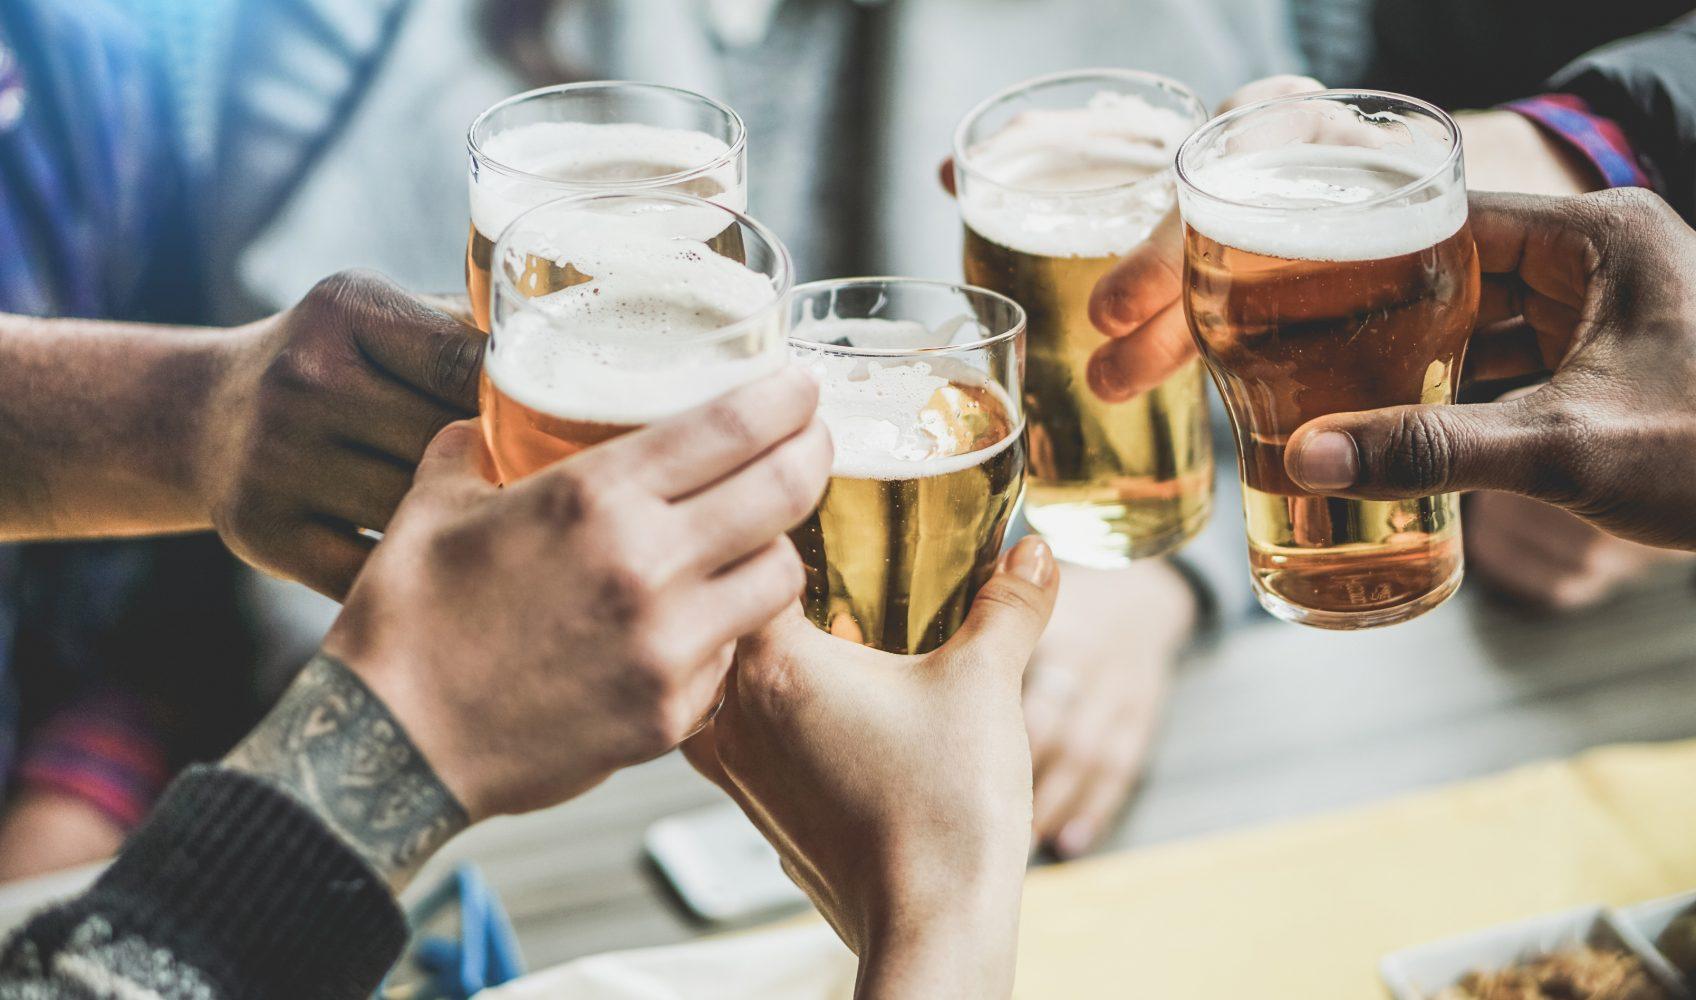 Personen, die sich mit Bier zuprosten